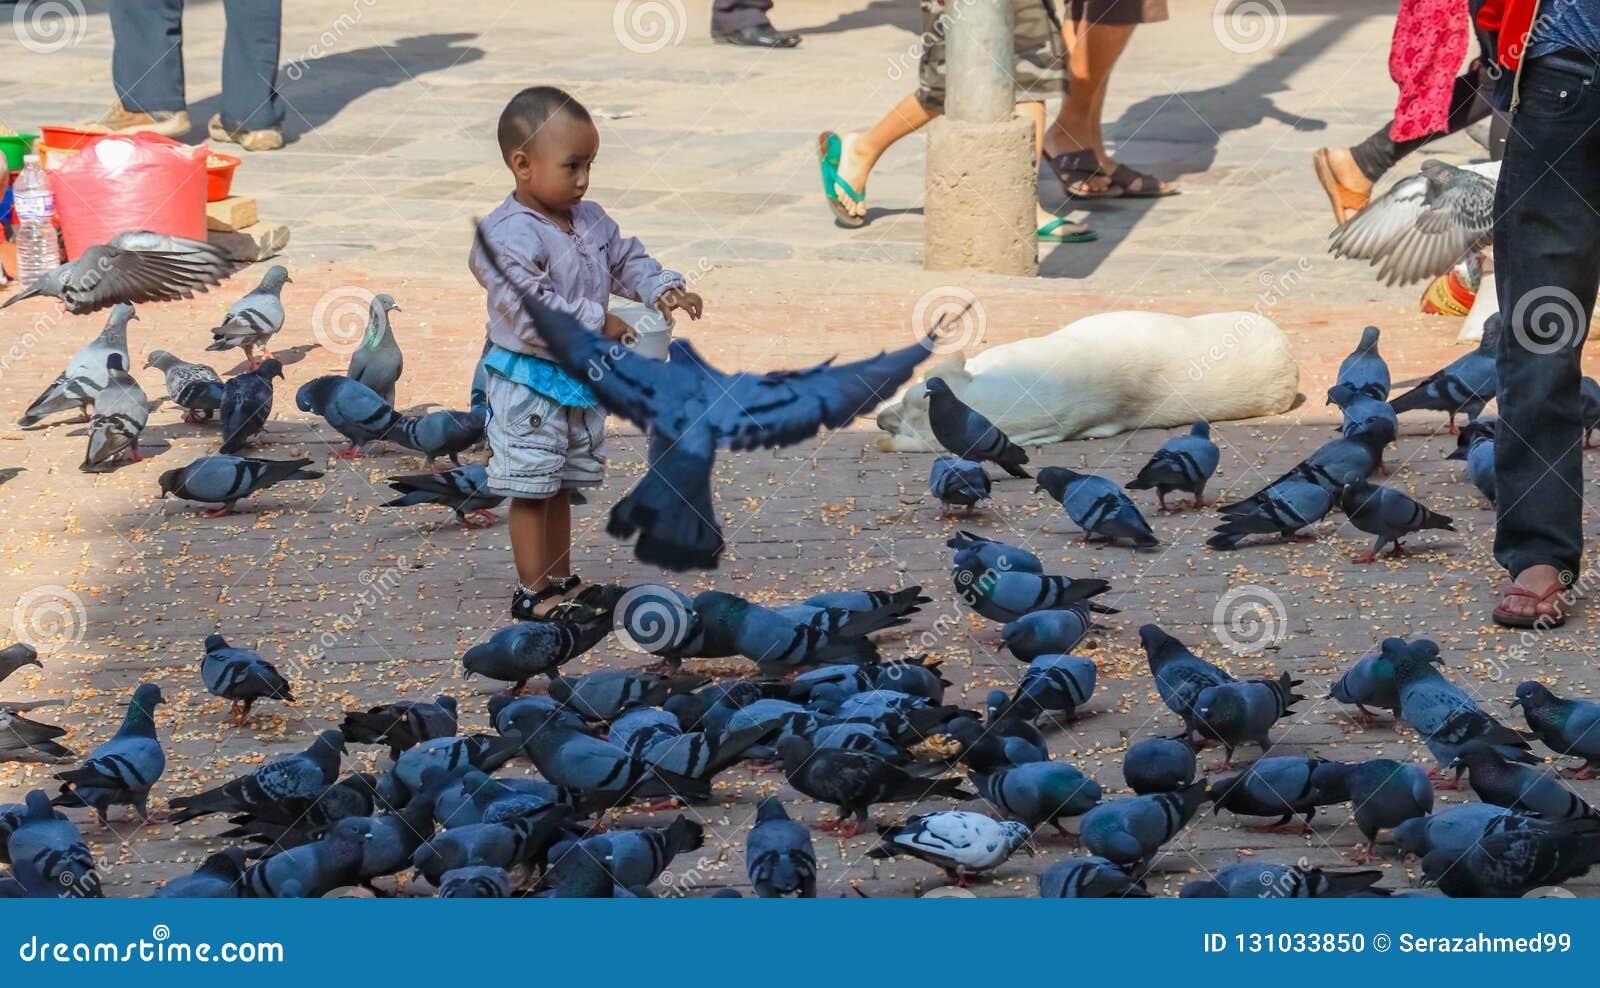 Toddler feeding pigeons